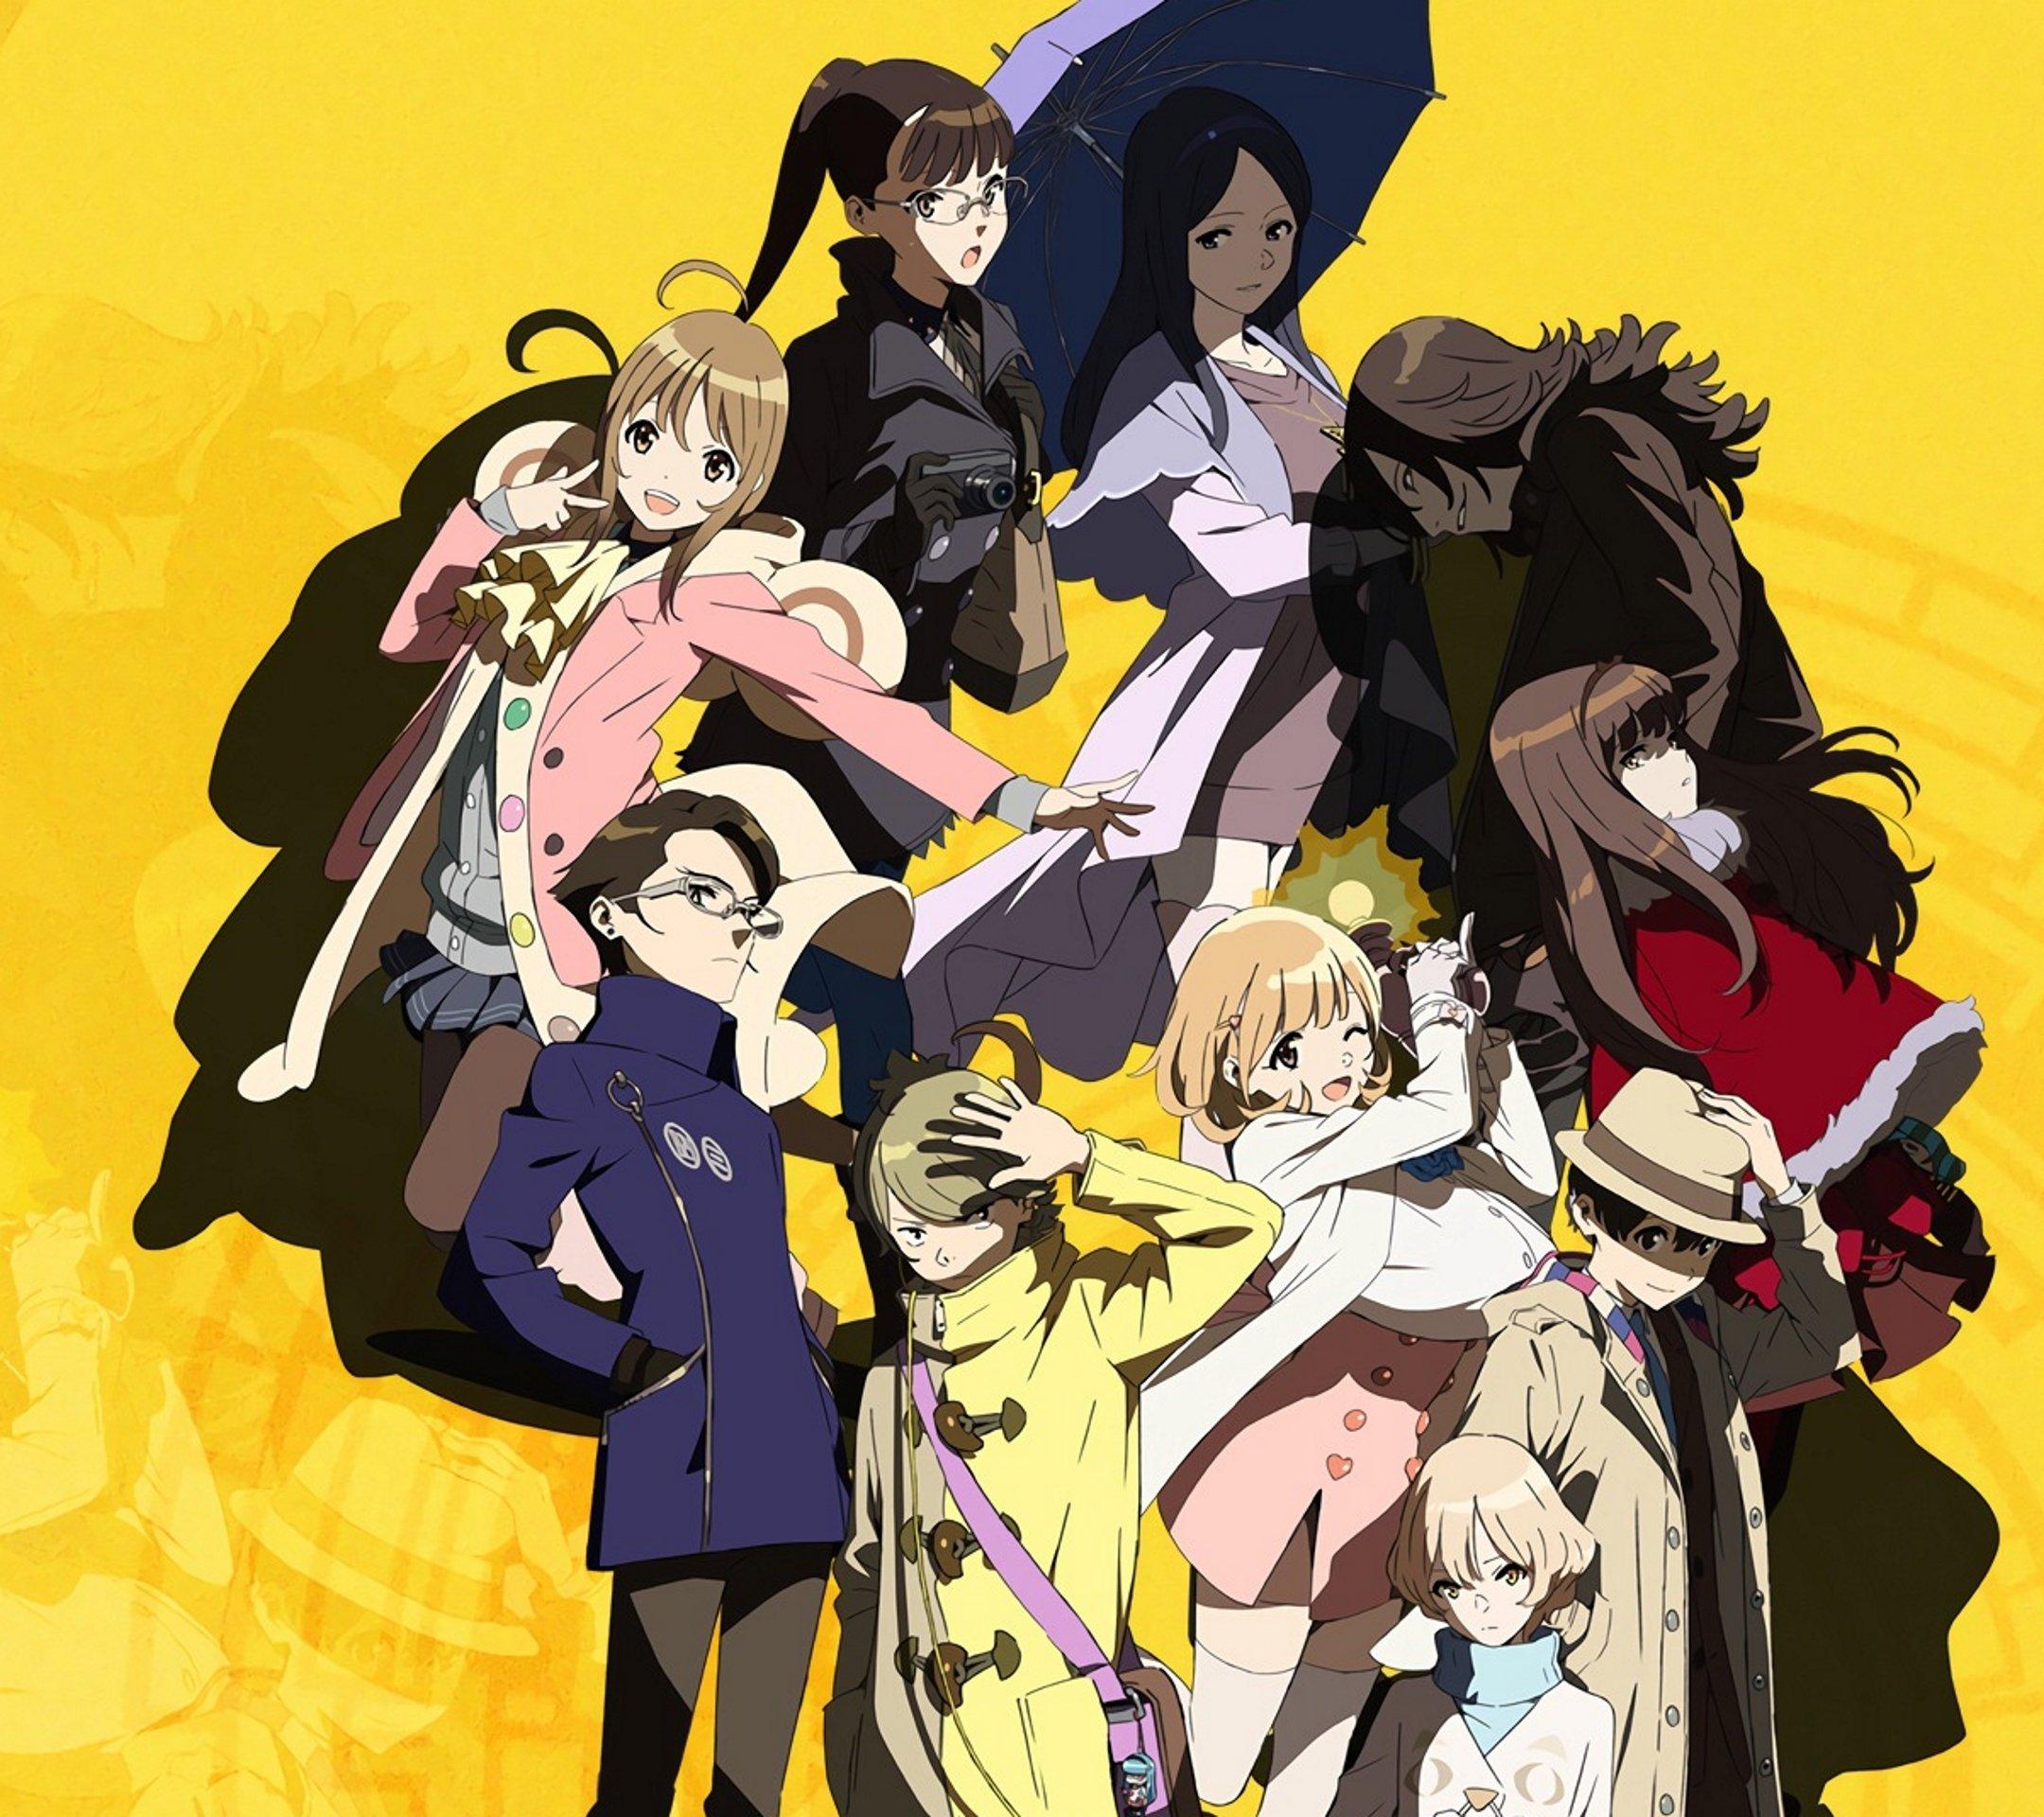 Kawaii mobile anime wallpapers for your smartphone - Anime wallpaper for smartphone ...